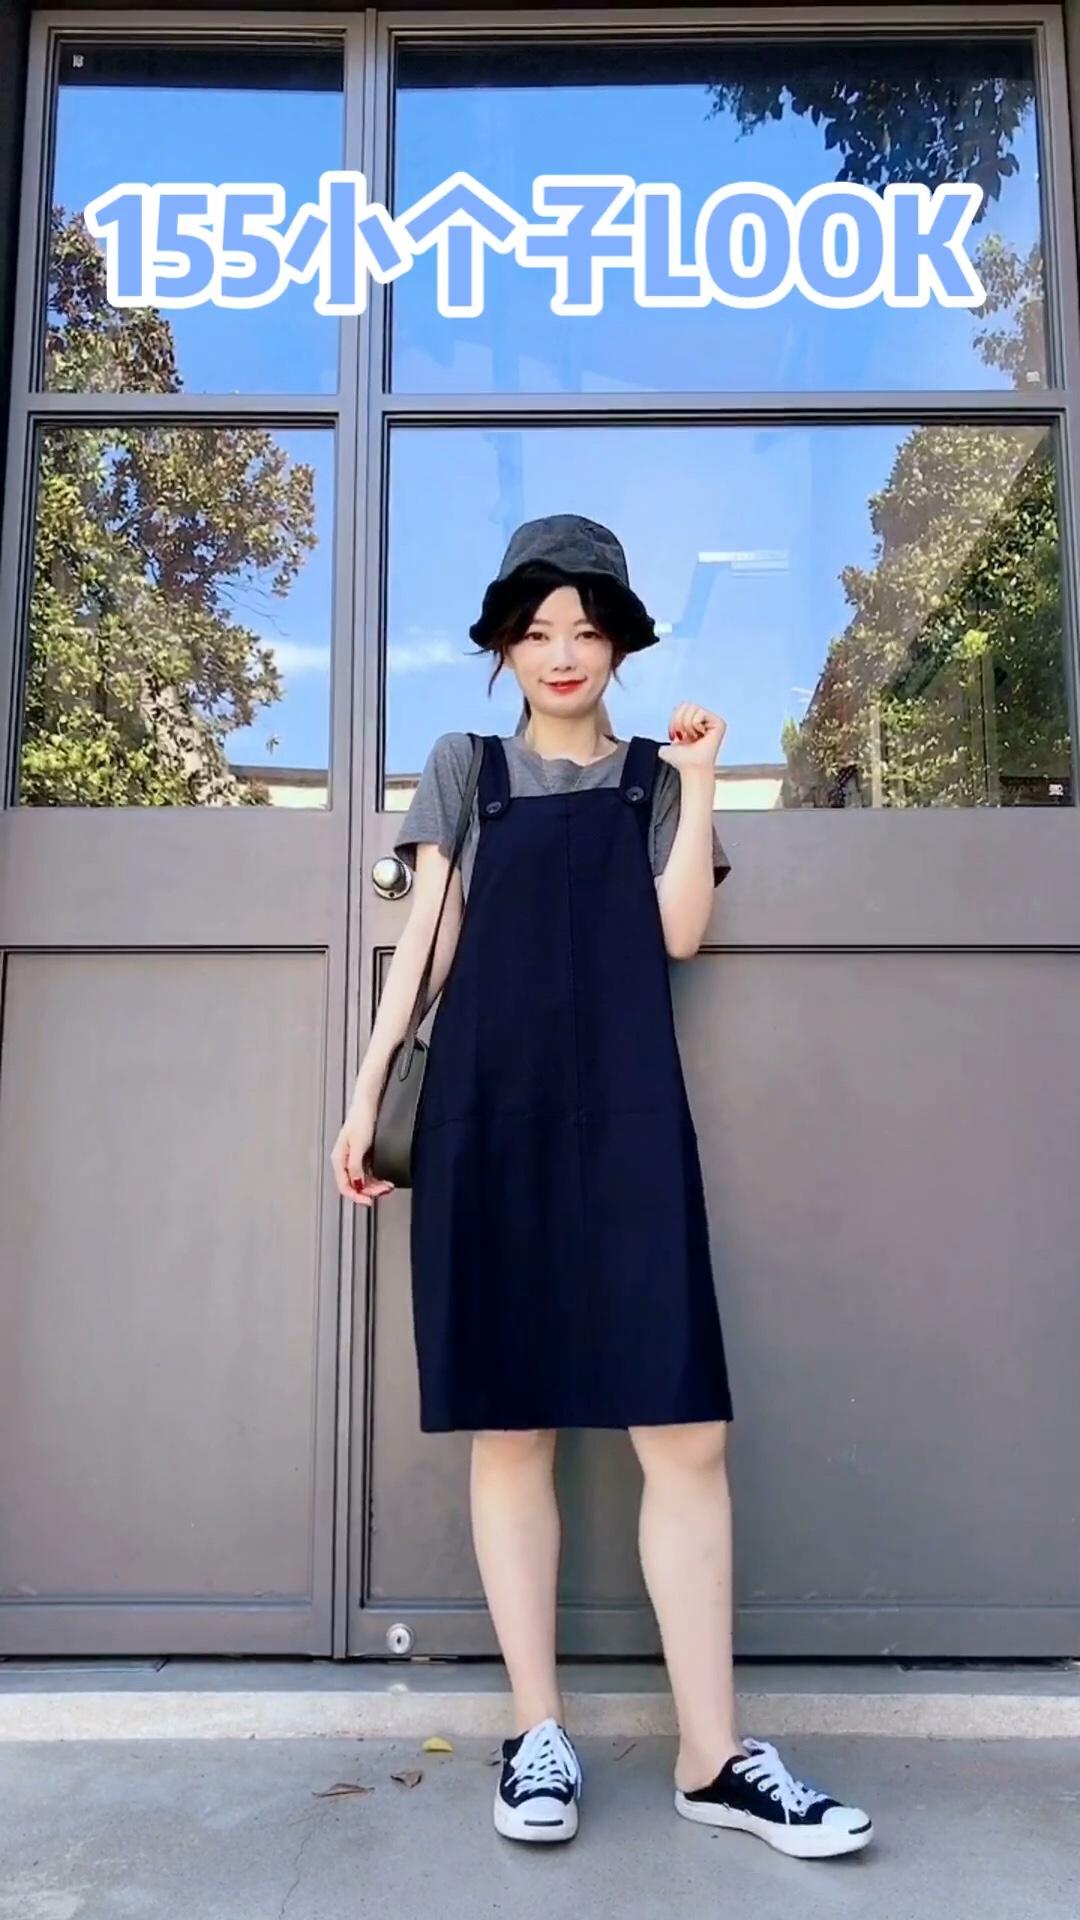 #开学季,校园女神穿搭攻略#  开学季不能错过的背带裙 超级减龄哦 藏青色人人都可以驾驭哈 搭配一件简约tee就hin好看哦